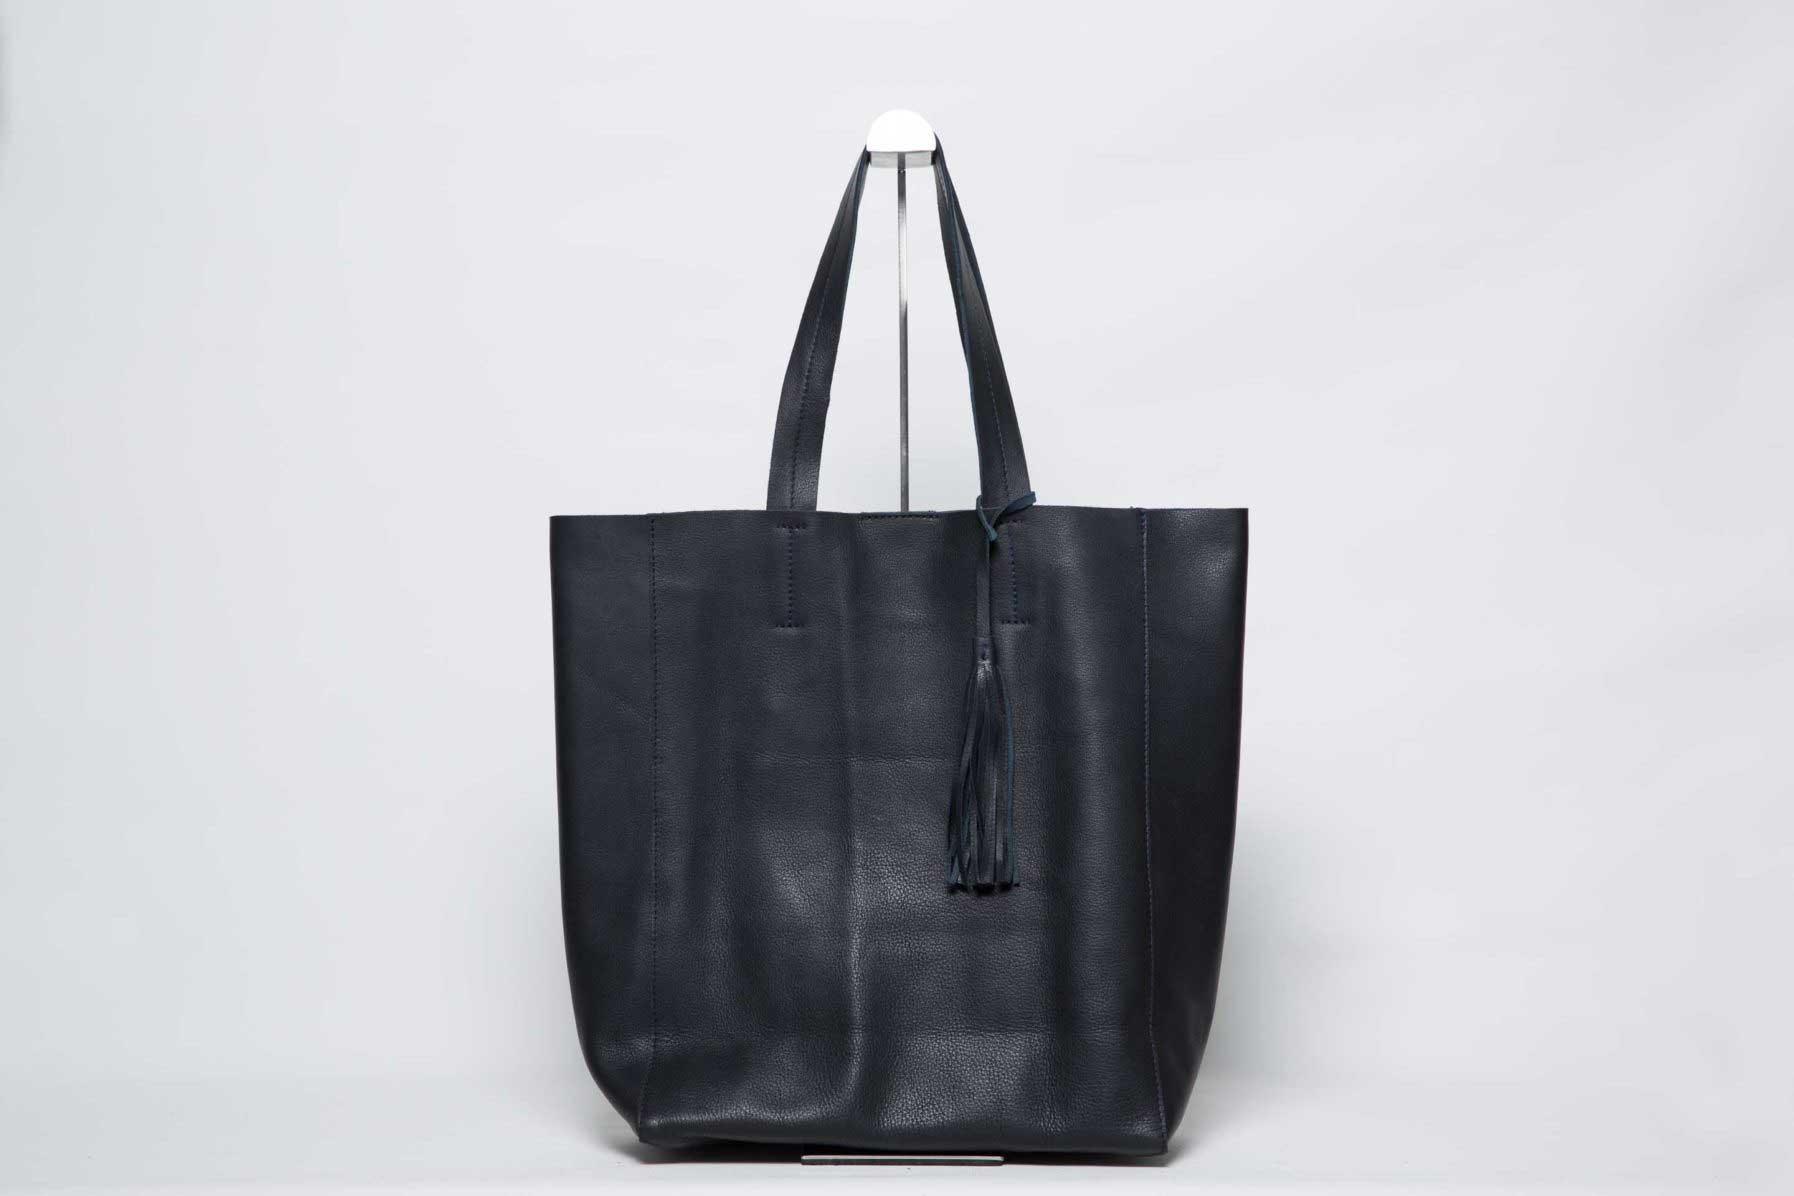 Visuel - Grand Sac Shopper Cuir Bleu Noir - avec pompon - ordinari.shop